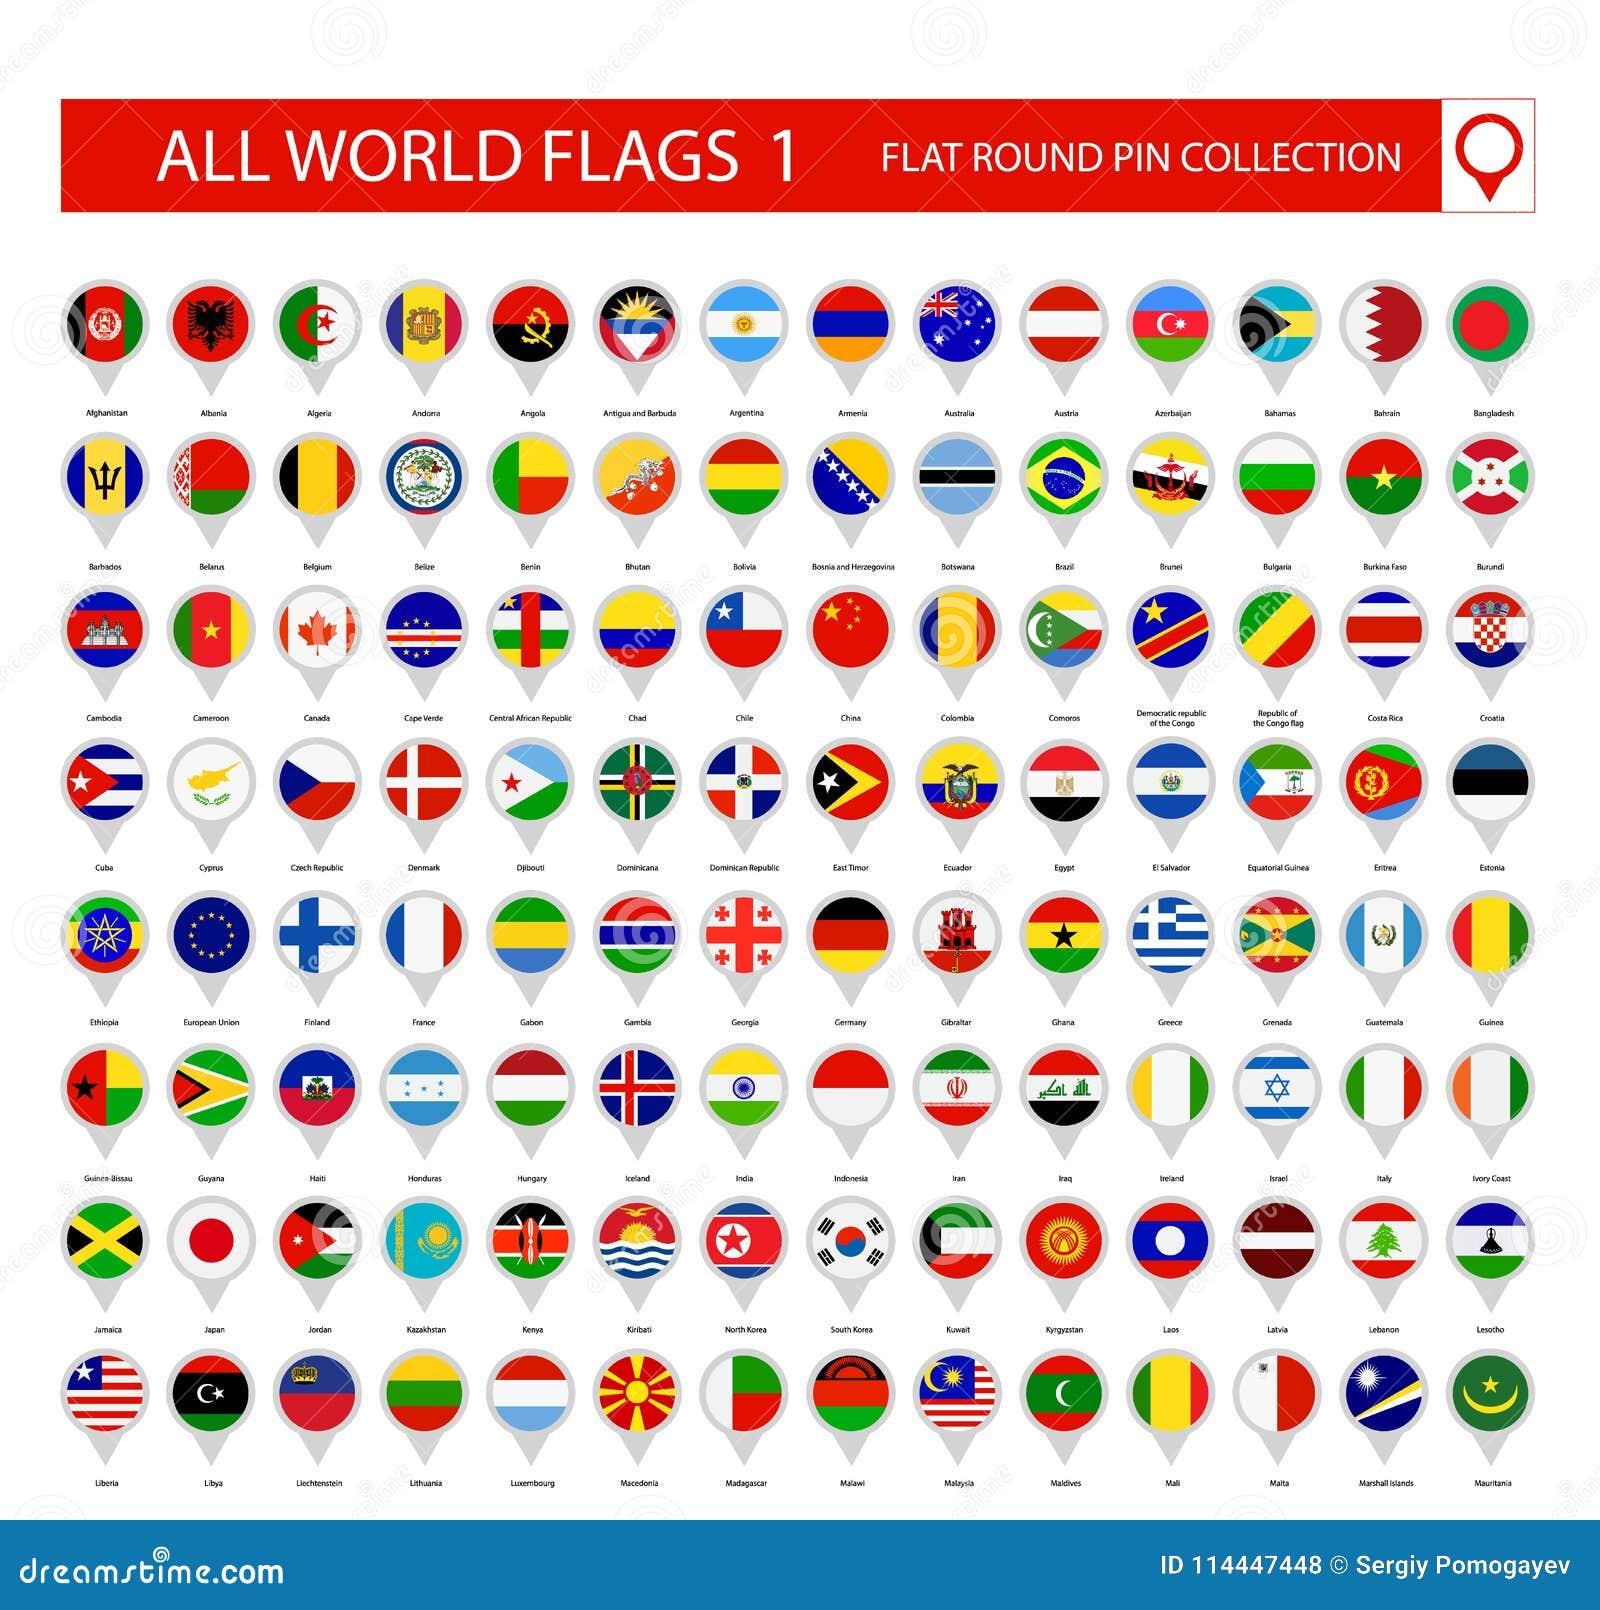 Pin Icons redondo plano de todas las banderas del mundo Parte 1